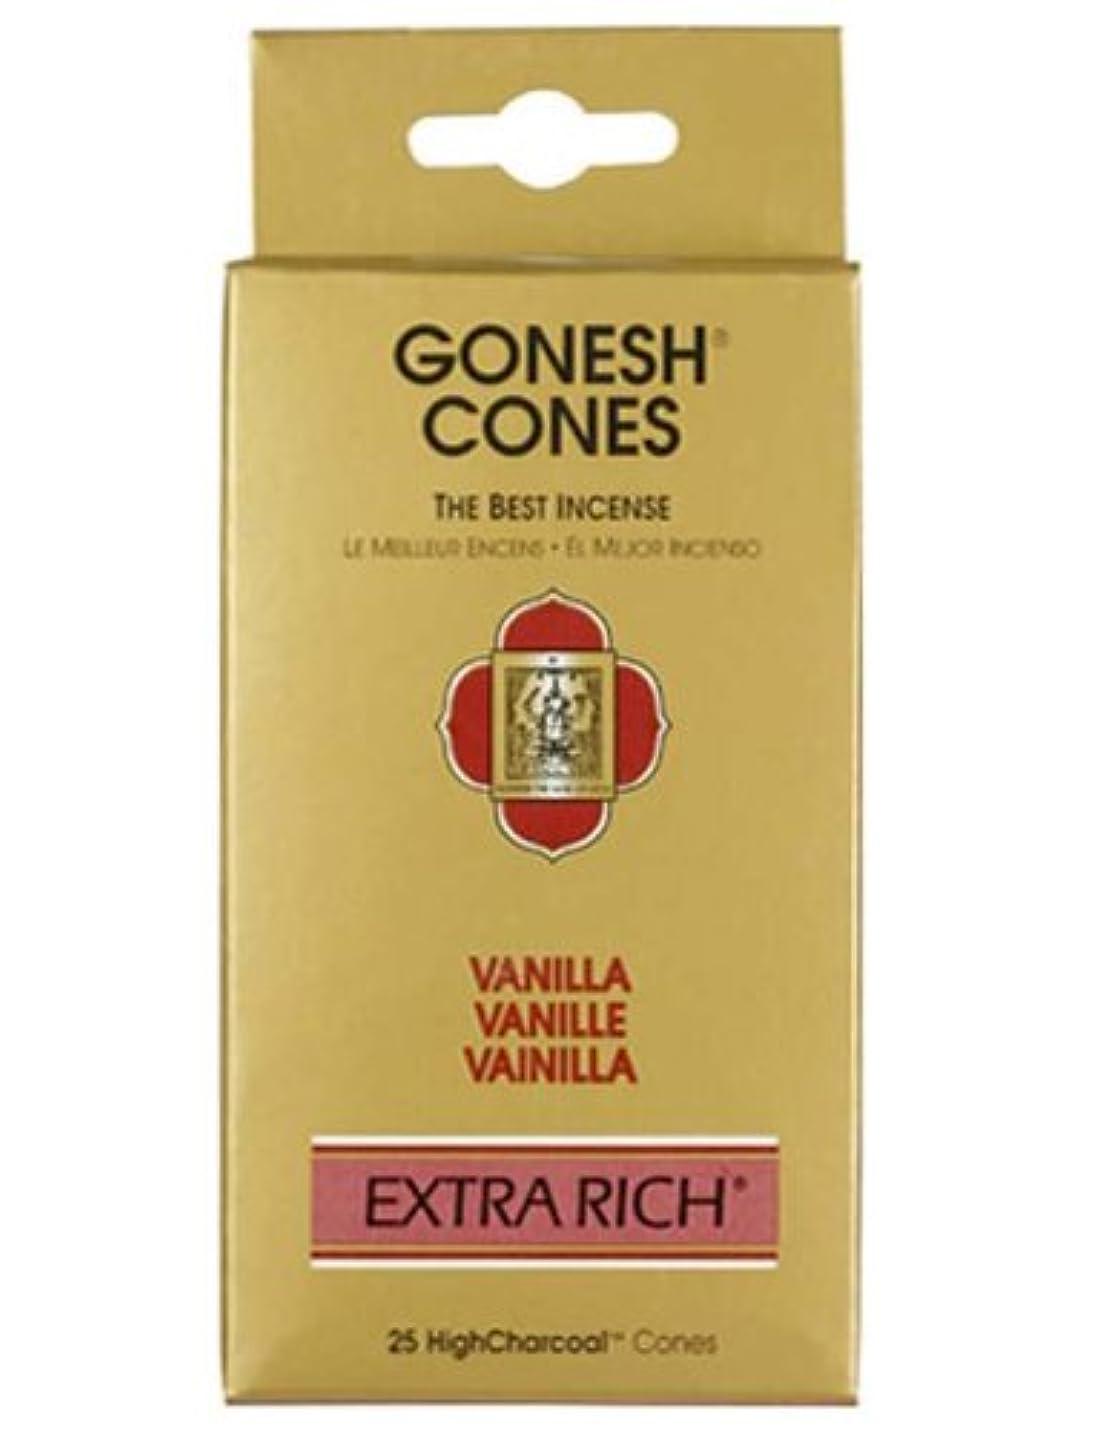 推測する動ゴミガーネッシュ(GONESH) エクストラリッチ インセンス コーン バニラ 25個入(お香)